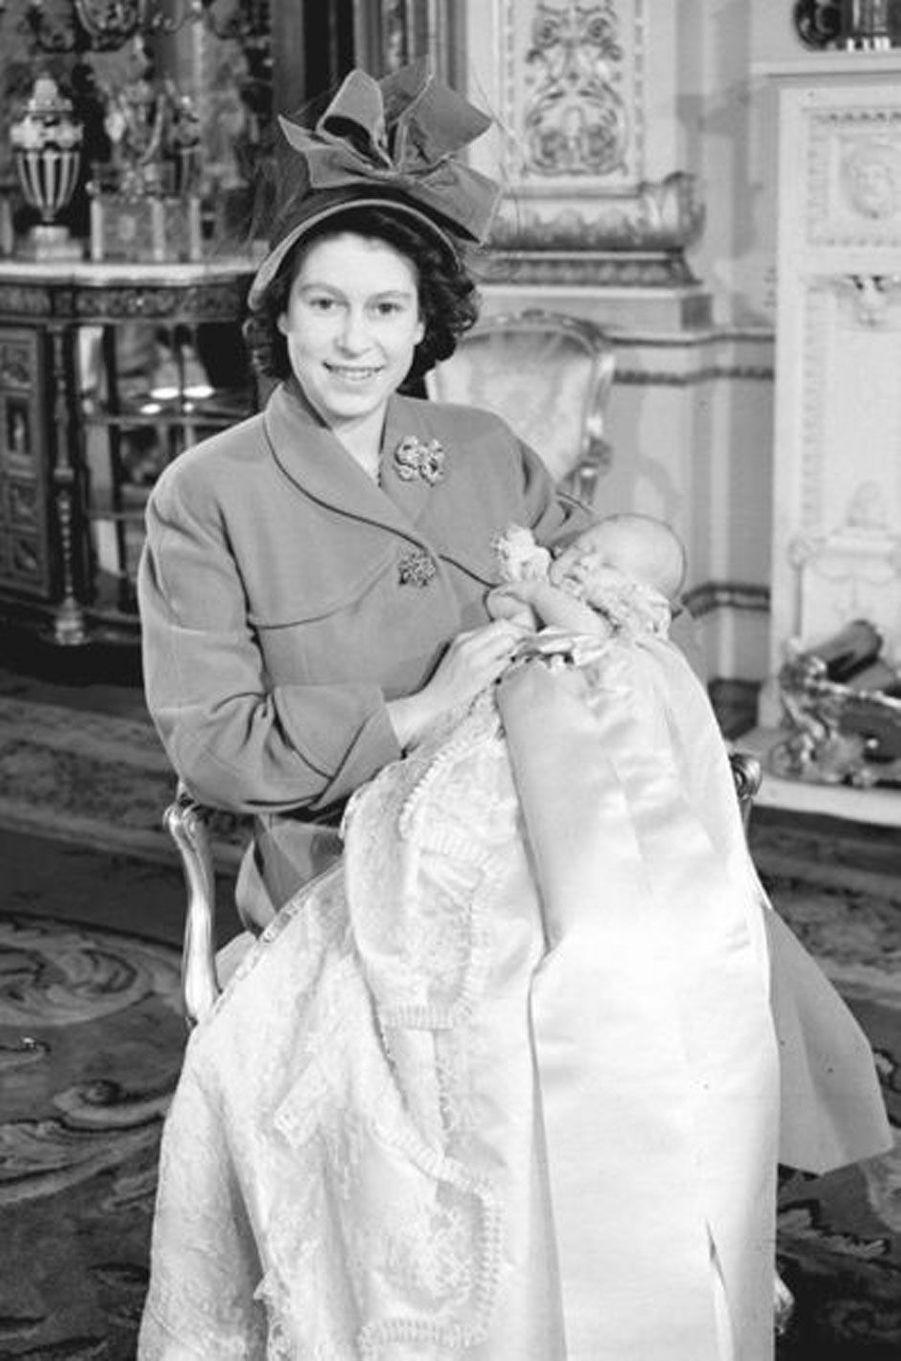 Charles dans les bras de sa mère Elizabeth, avec la même robe qu'elle portait à son baptême, le 15 décembre 1948